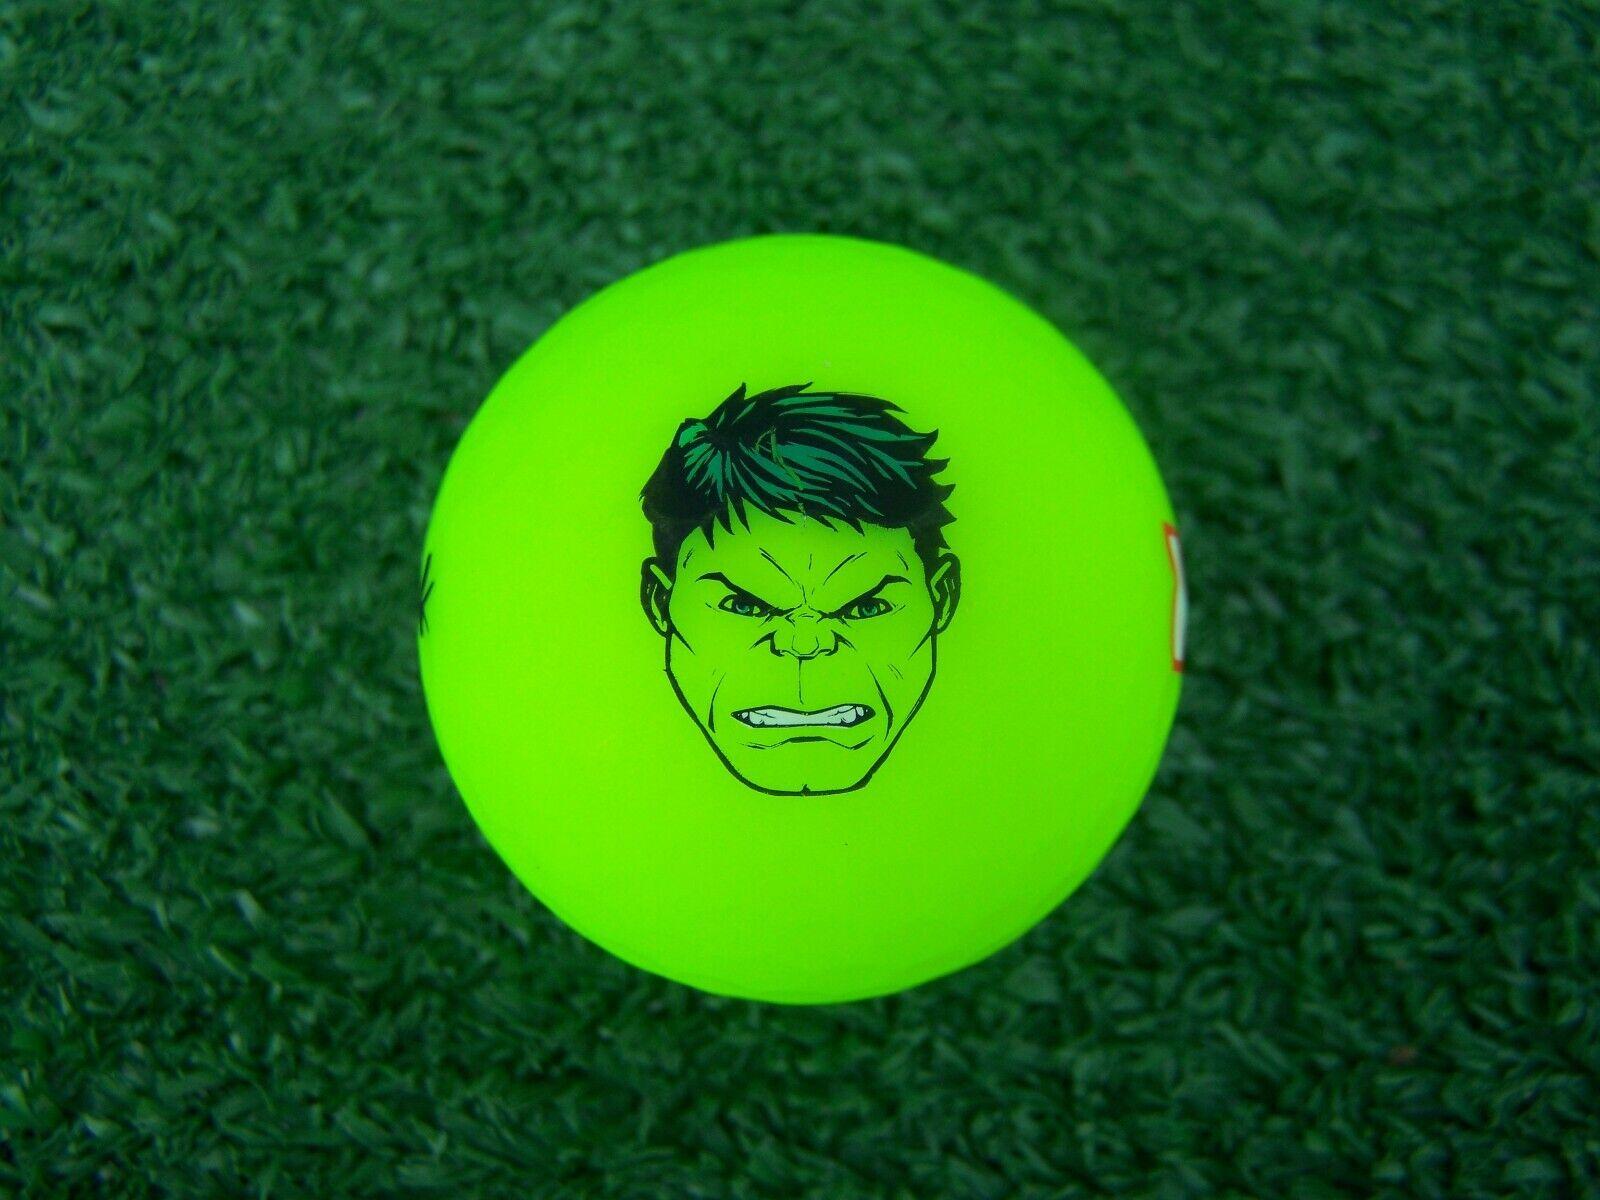 Volvik Vivid Limited Edition Marvel Series Hulk Golf Ball Br